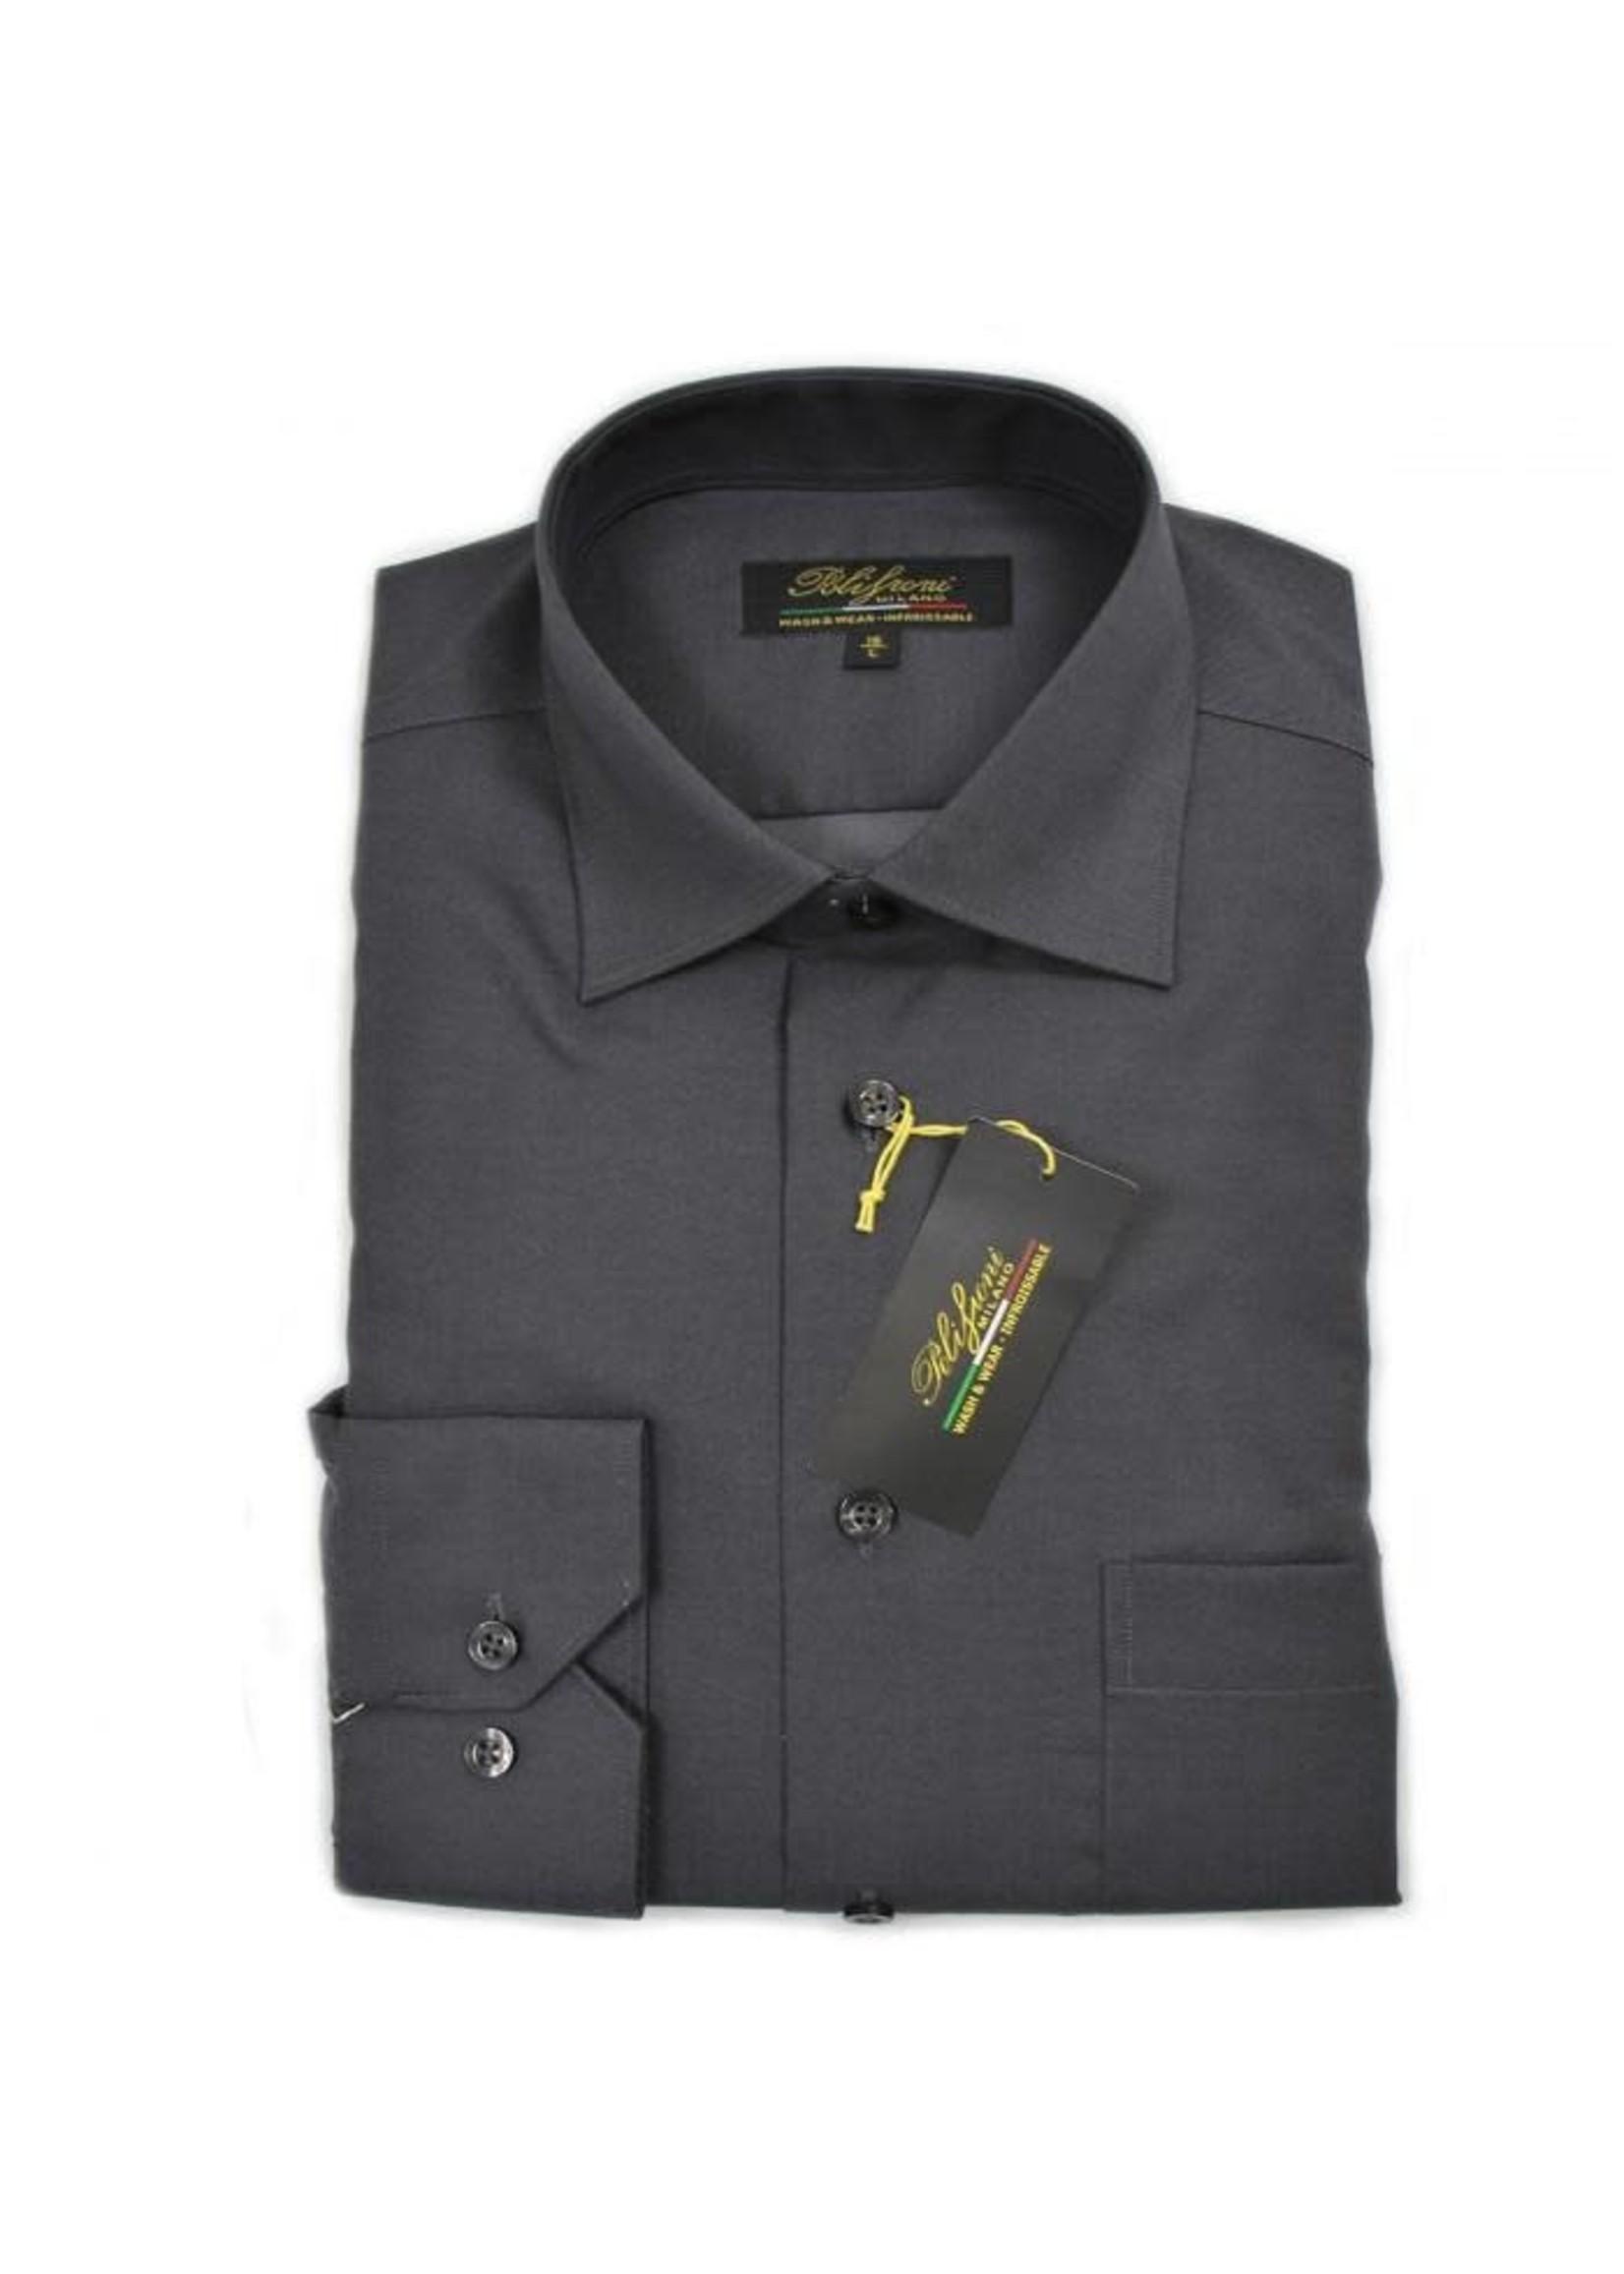 Polifroni Milano Polifroni Milano Non-Iron Dress Shirt